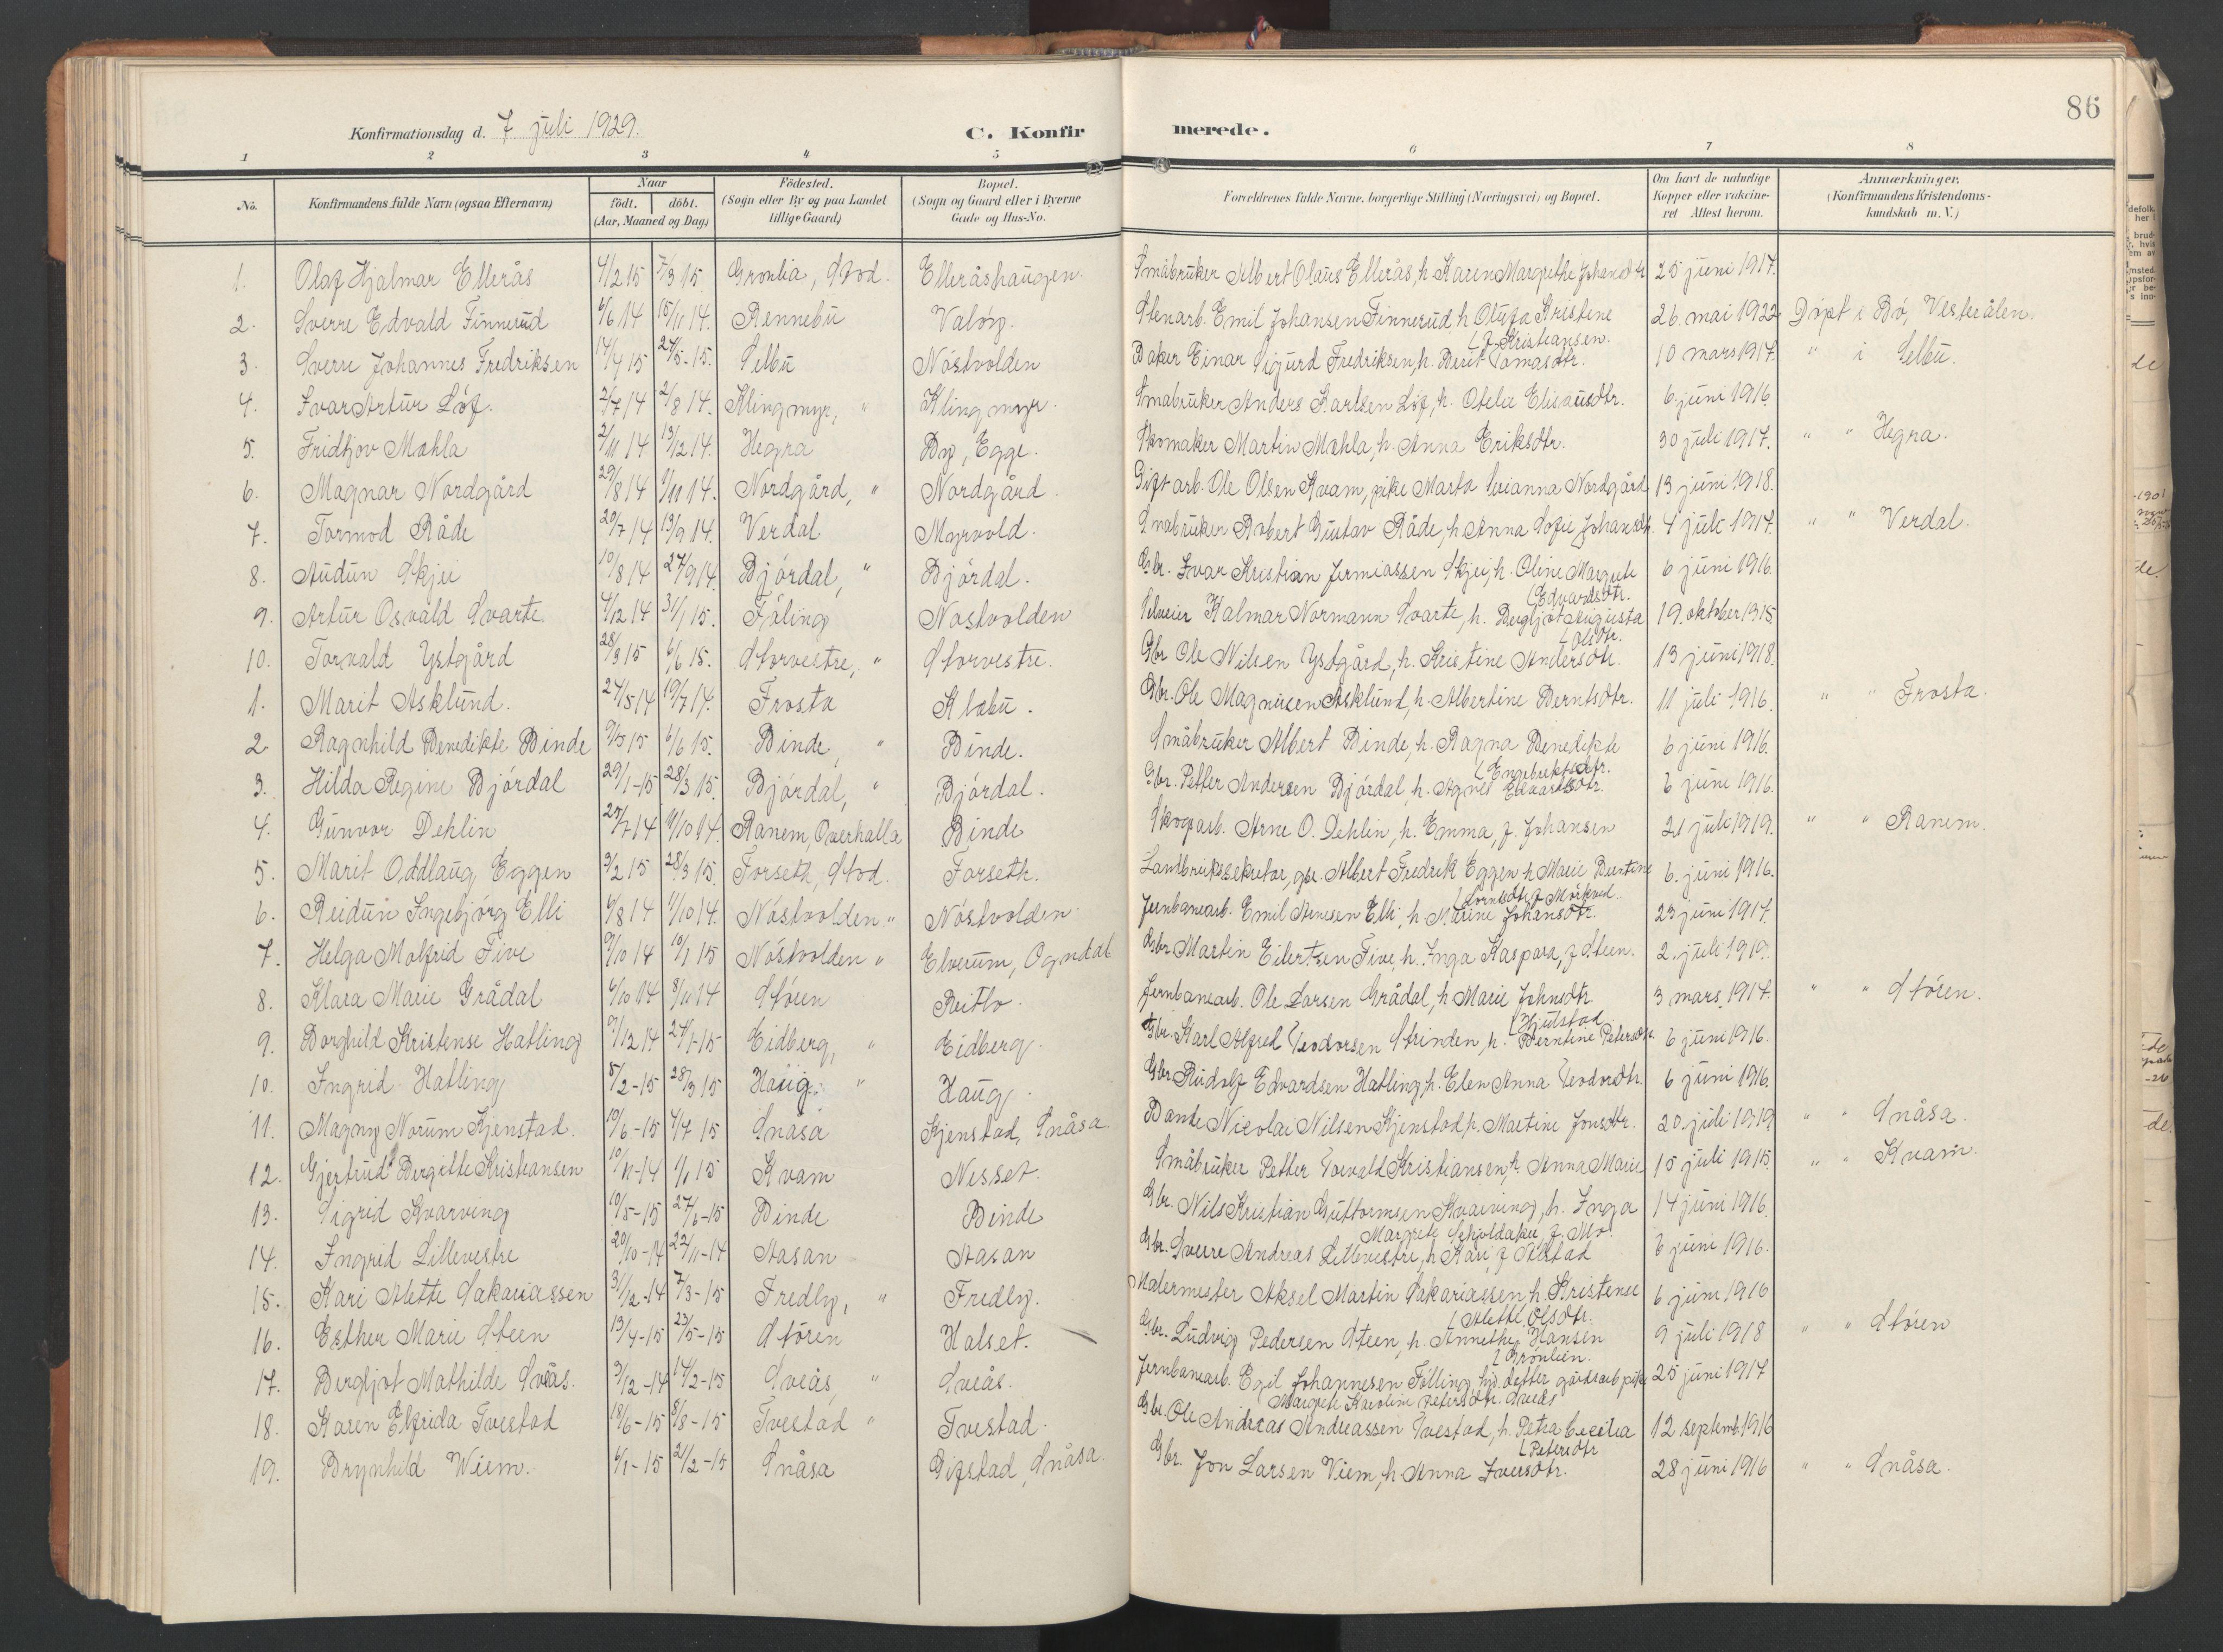 SAT, Ministerialprotokoller, klokkerbøker og fødselsregistre - Nord-Trøndelag, 746/L0455: Klokkerbok nr. 746C01, 1908-1933, s. 86